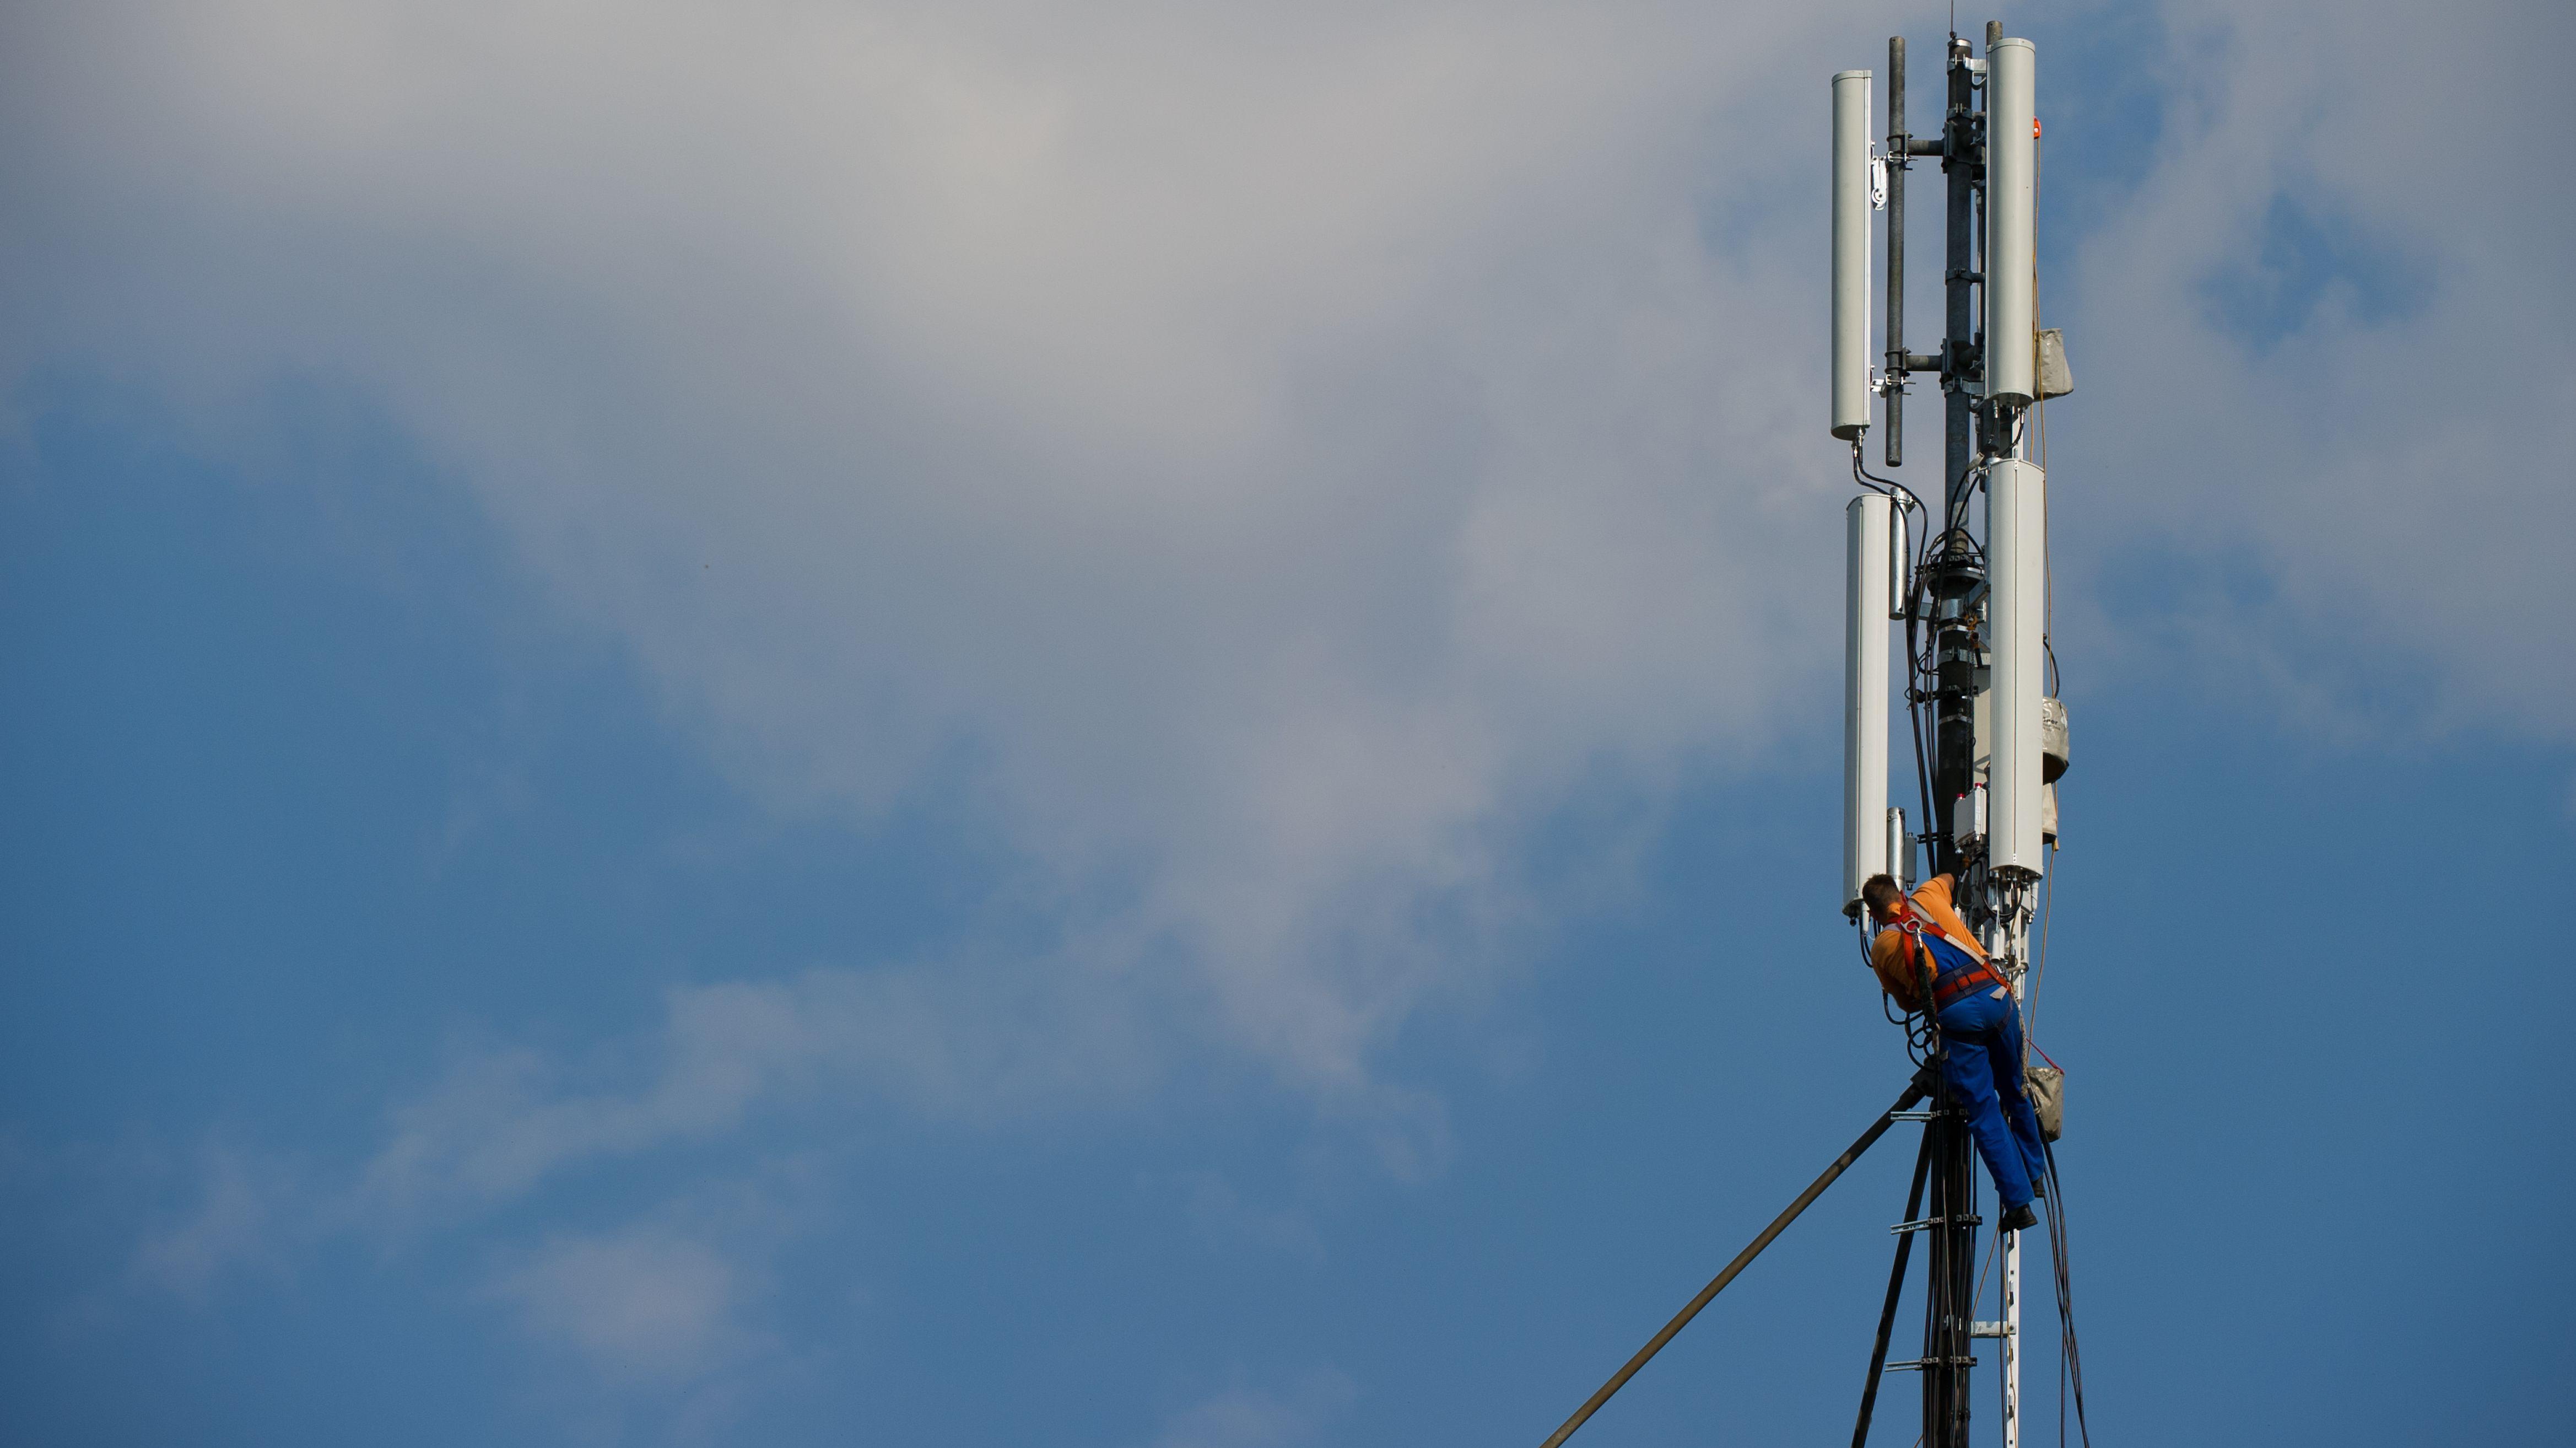 Mobilfunkstrategie für verbesserten Netzausbau